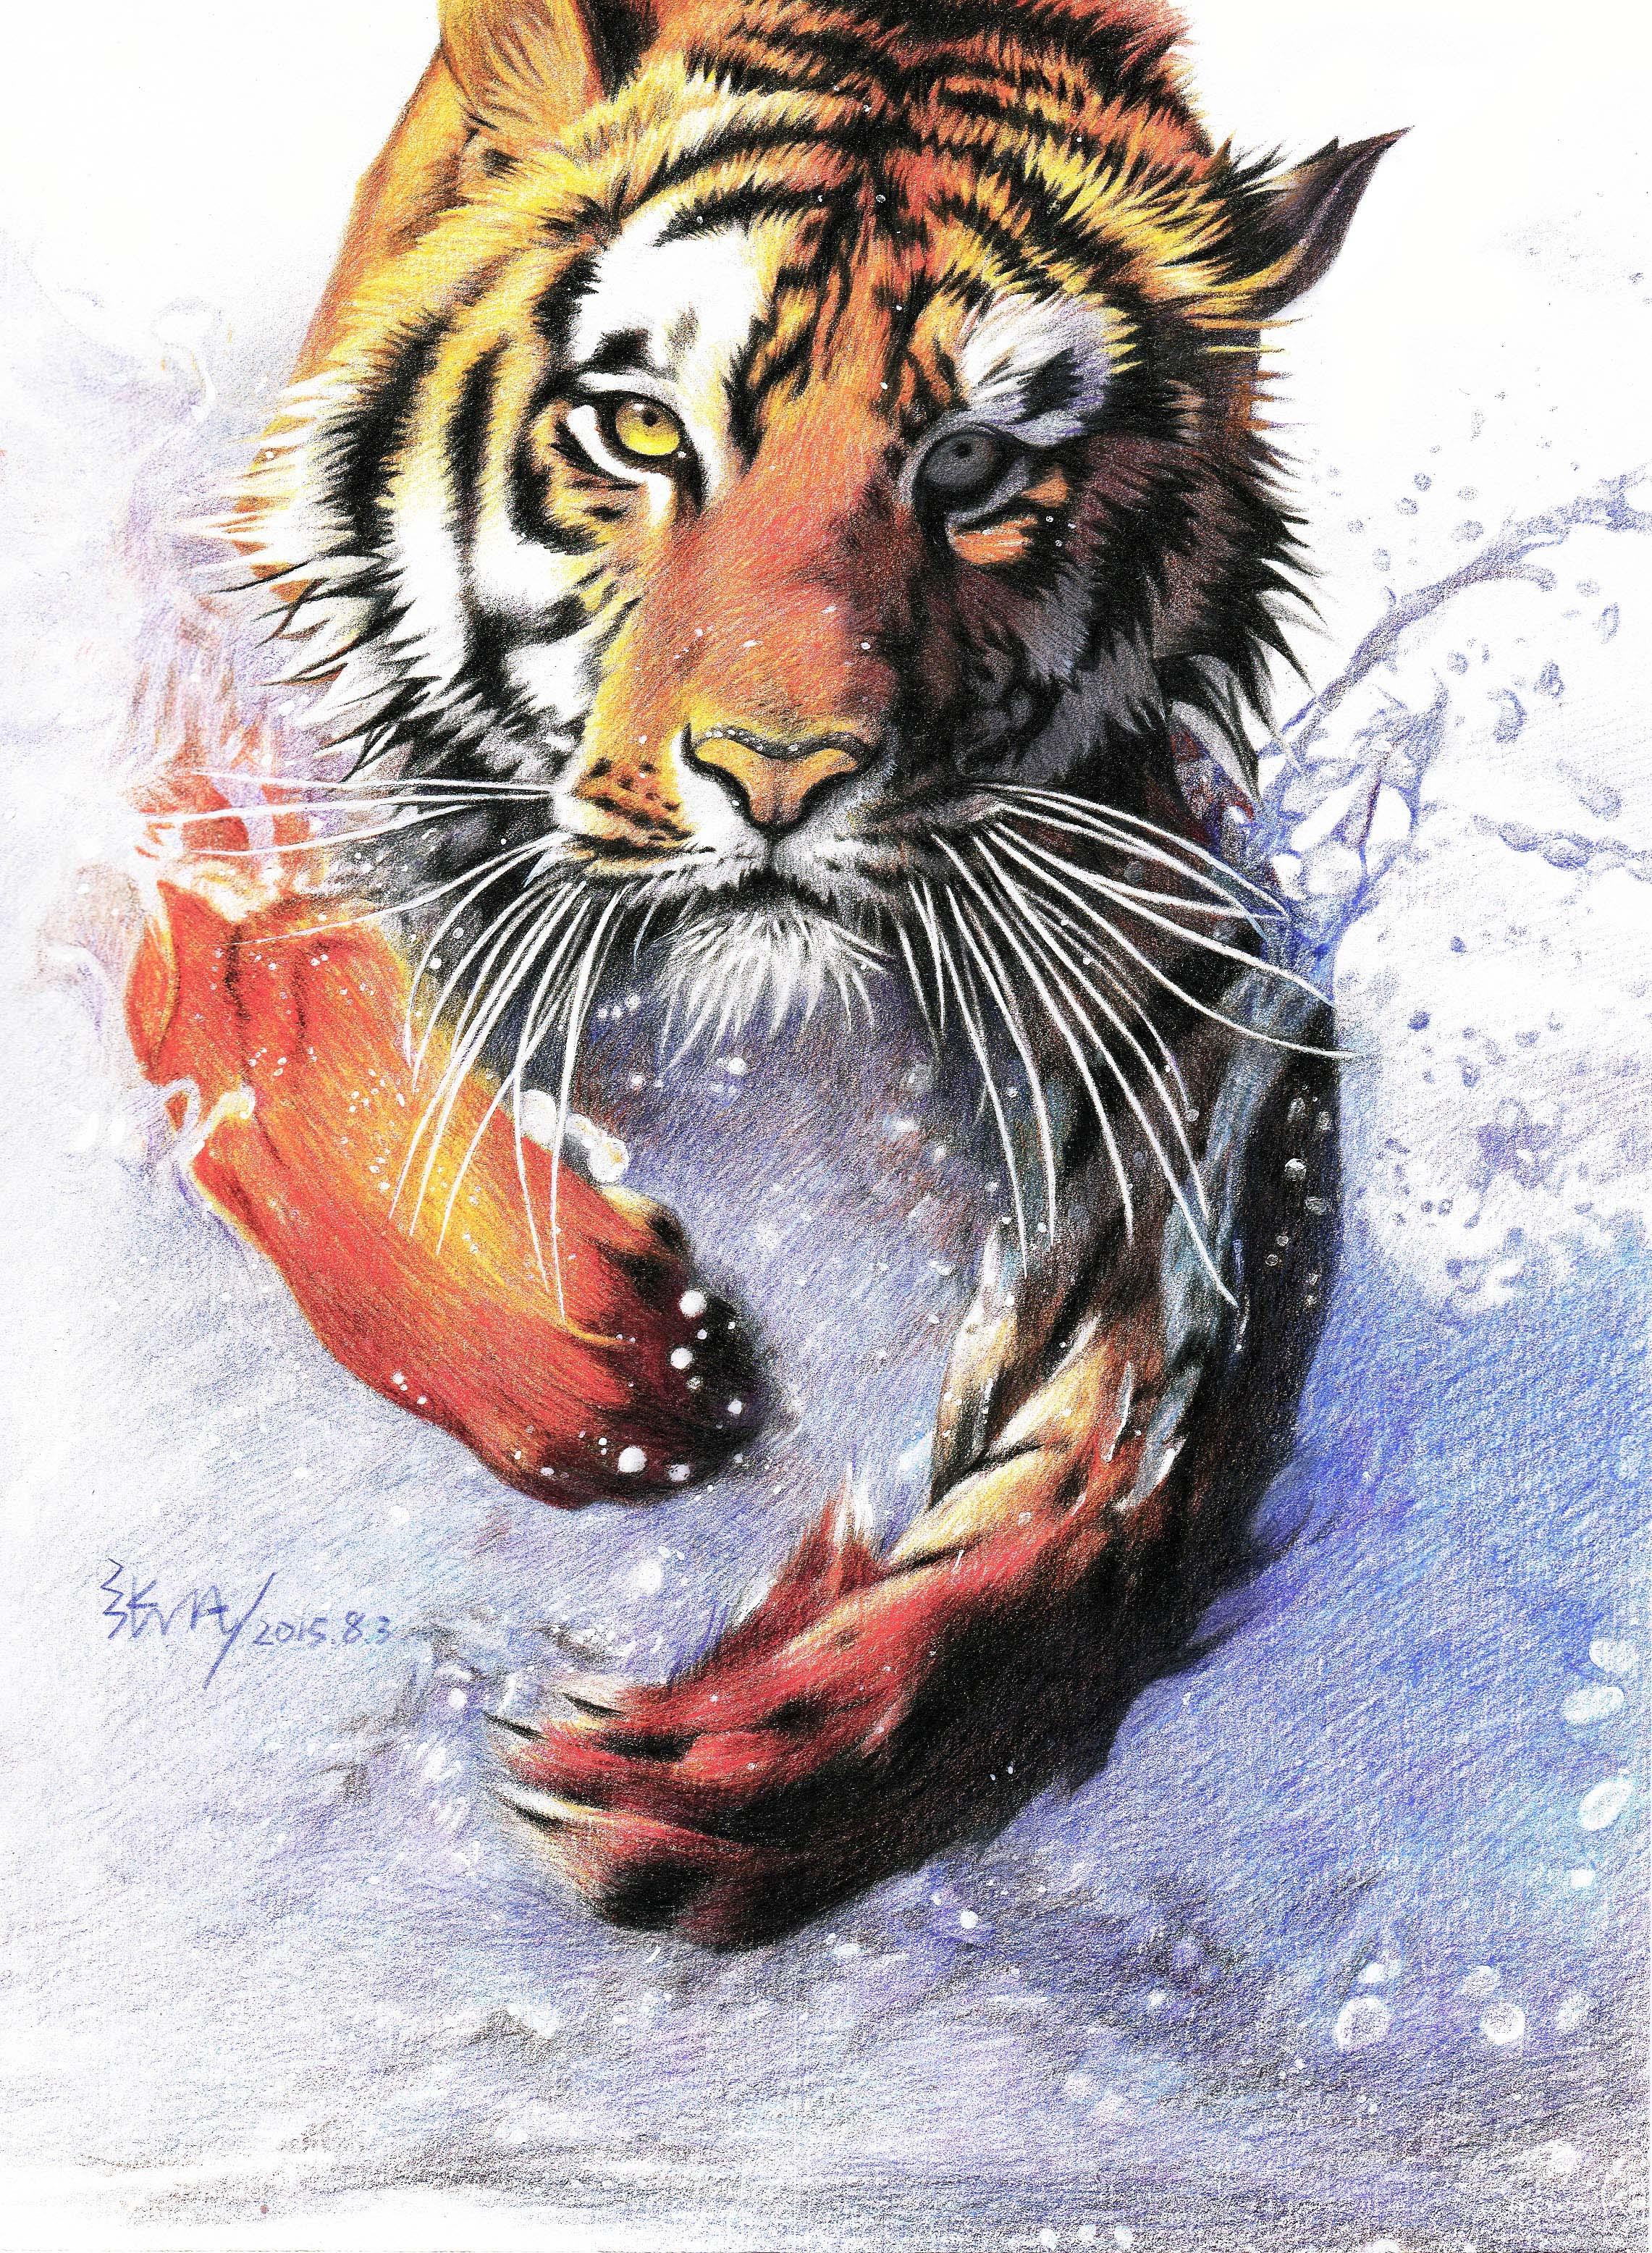 彩铅手绘老虎